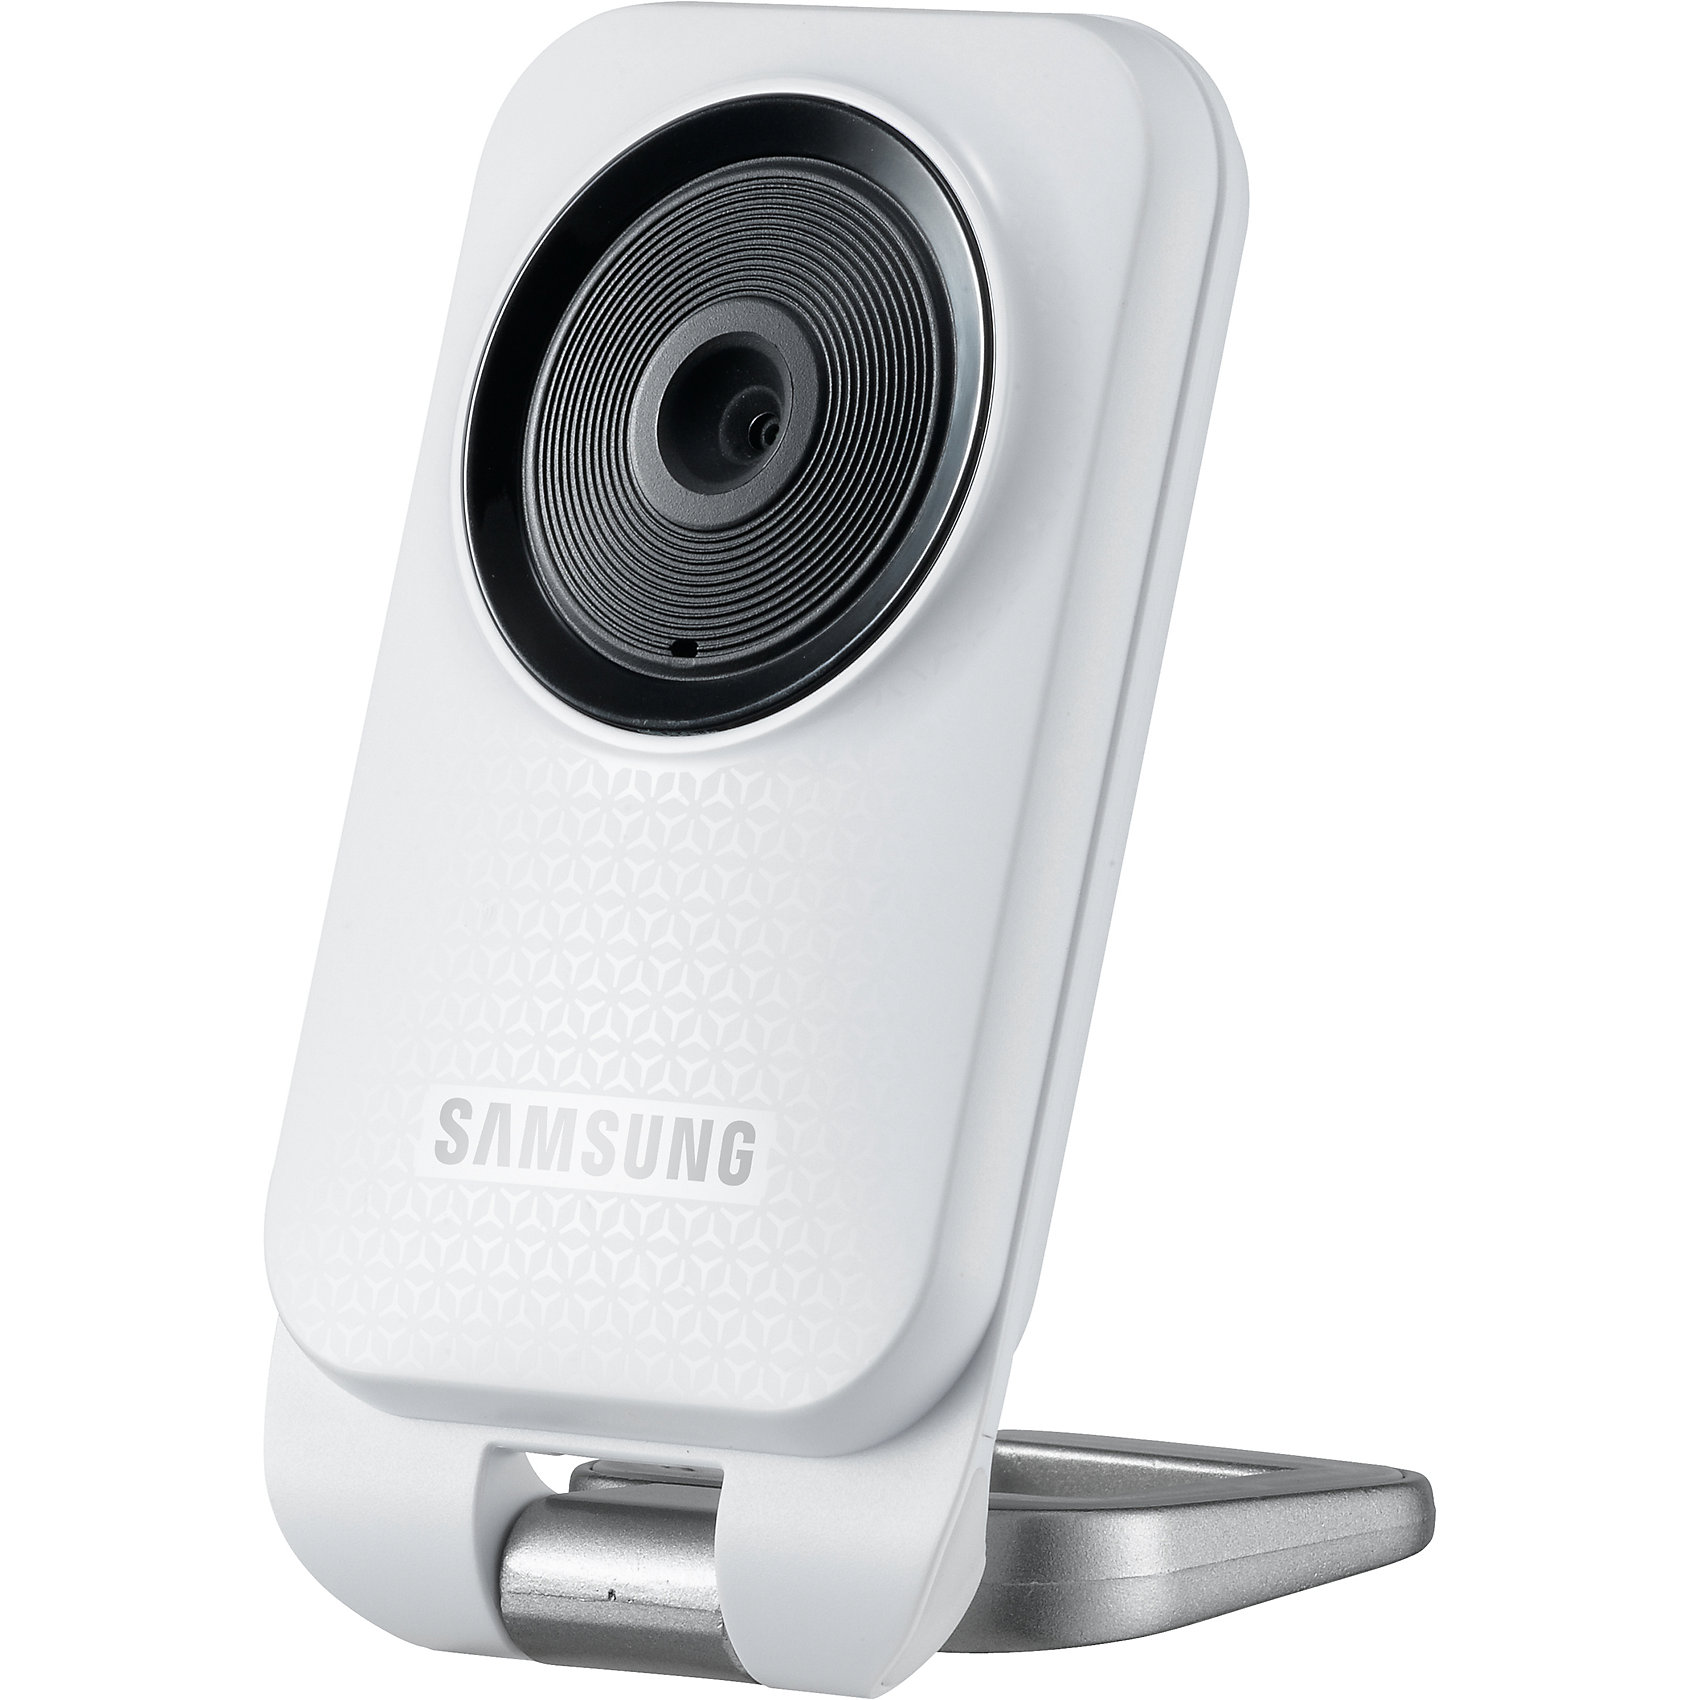 Видеоняня Wi-Fi SmartCam SNH-V6110BN, SamsungДетская бытовая техника<br>Видеоняня Wi-Fi SmartCam SNH-V6110BN, Samsung (Самсунг)<br><br>Характеристики:<br><br>• подходит для планшетов, смартфонов и компьютеров<br>• доступ из любой точки мира<br>• высокое качество изображения в формате Full HD 1080p<br>• автоматическое оповещение при плаче или движении<br>• цветное изображение в ночное время<br>• несколько зон отслеживания<br>• двухсторонняя связь<br>• колыбельные мелодии<br>• возможность записи<br>• поддержка iOS, Android, Windows, Mac<br>• регулировка наклона<br>• в комплекте: камера, адаптер, инструкция<br>• размер упаковки: 14х10х9 см<br>• вес: 300 грамм<br><br>Видеоняня SmartCam SNH - V6110BN - современное устройство для наблюдения за ребенком во время вашего отсутствия. Вы можете подключить видеокамеру к смартфону, компьютеру или планшету с операционными системами iOS, Android, Mac. Windows. <br><br>Качественное изображение с камеры в формате Full HD 1080p доступно в любой точке планеты. Главная особенность модели - стабильная работа и мобильное приложение для вашего устройства. Видеокамера автоматически подает сигнал при обнаружении плача или движения крохи. <br><br>В темное время суток изображение камеры остается цветным без использования ночника и подсветки, что отличает данную модель от аналогов. Ко всему прочему, видеоняня оснащена двухсторонней связью, колыбельными мелодиями, возможностью записи и проигрывания фото и видео. <br><br>Видеоняню Wi-Fi SmartCam SNH-V6110BN, Samsung (Самсунг) вы можете купить в нашем интернет-магазине.<br><br>Ширина мм: 90<br>Глубина мм: 100<br>Высота мм: 140<br>Вес г: 300<br>Возраст от месяцев: 0<br>Возраст до месяцев: 1188<br>Пол: Унисекс<br>Возраст: Детский<br>SKU: 5516699